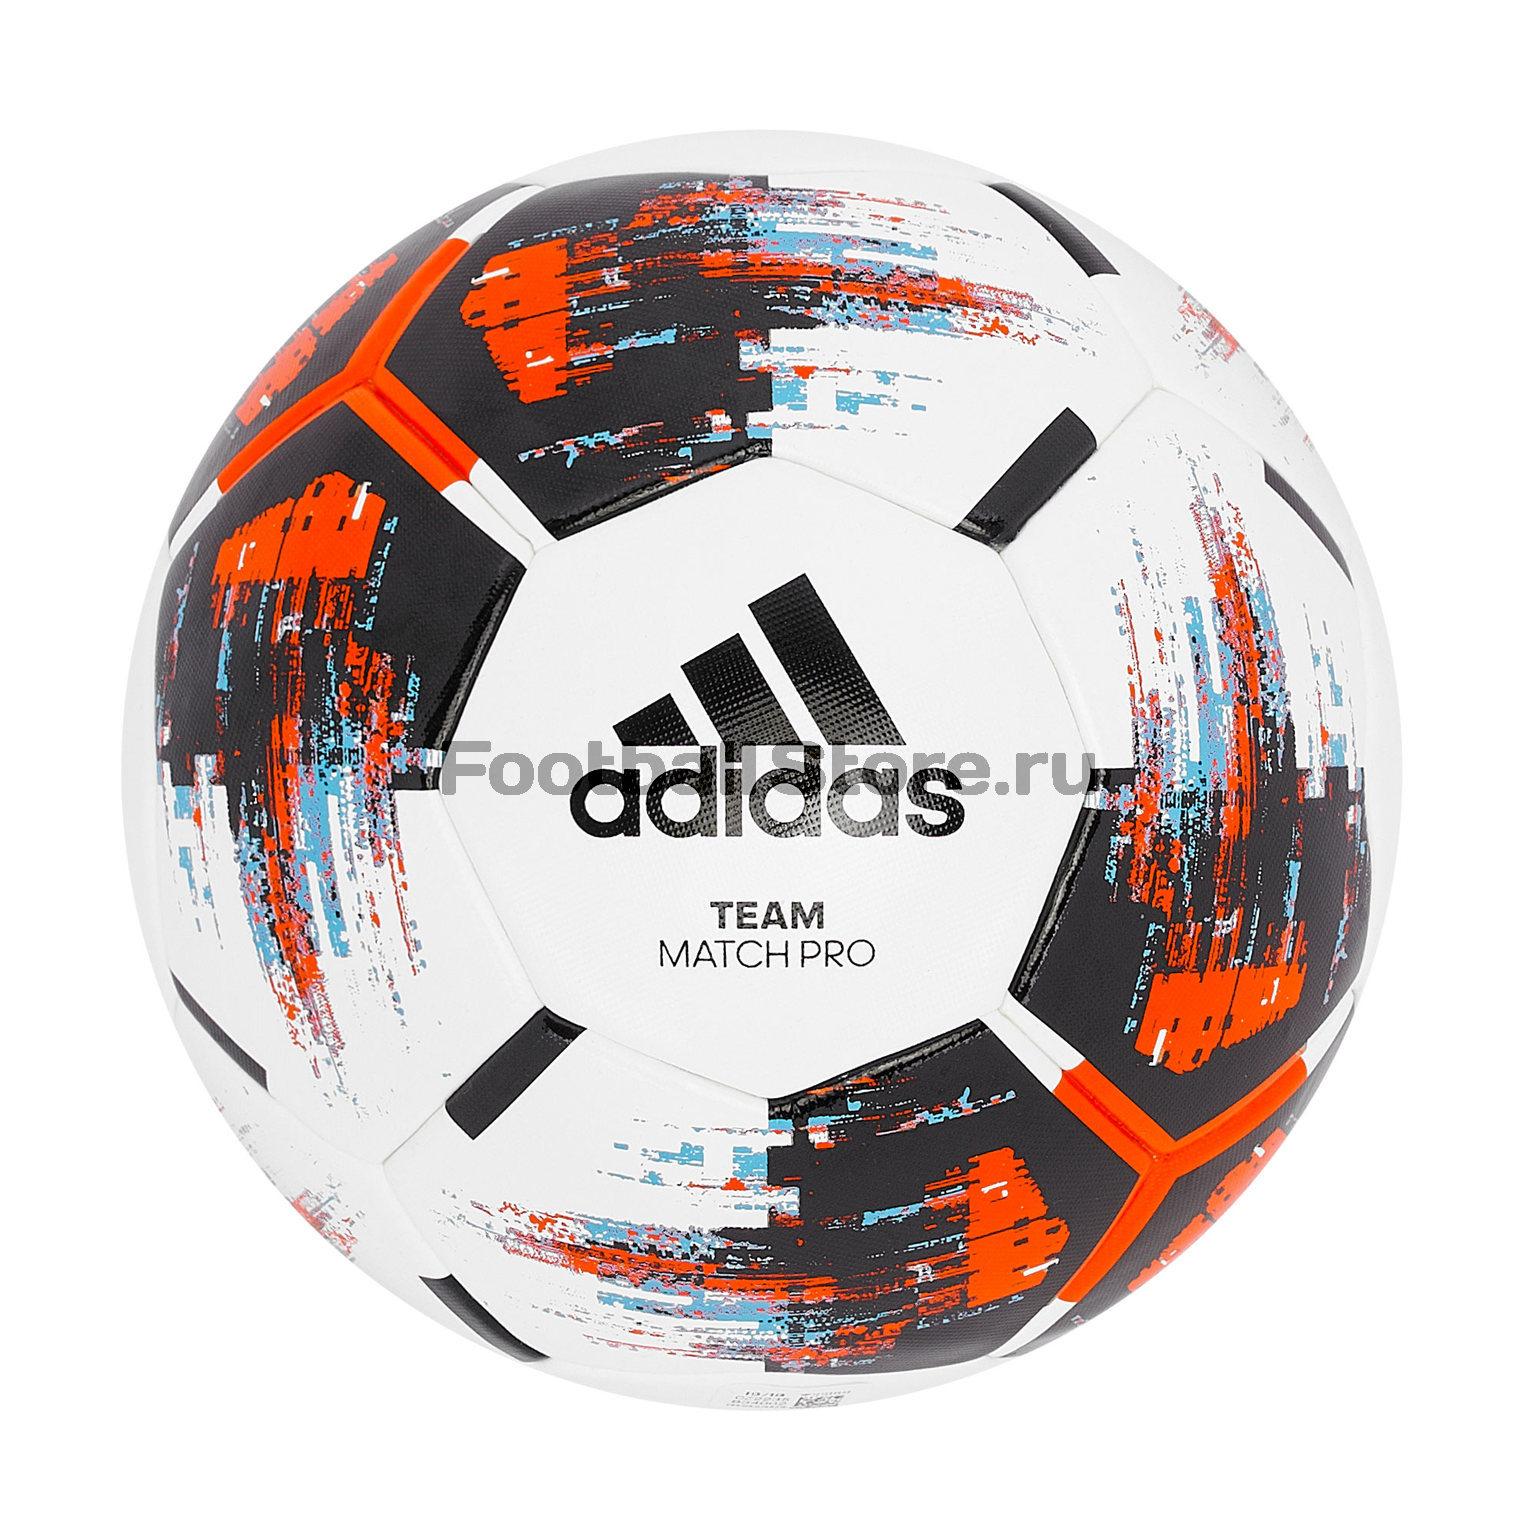 Футбольный мяч Adidas Team Match Ball CZ2235